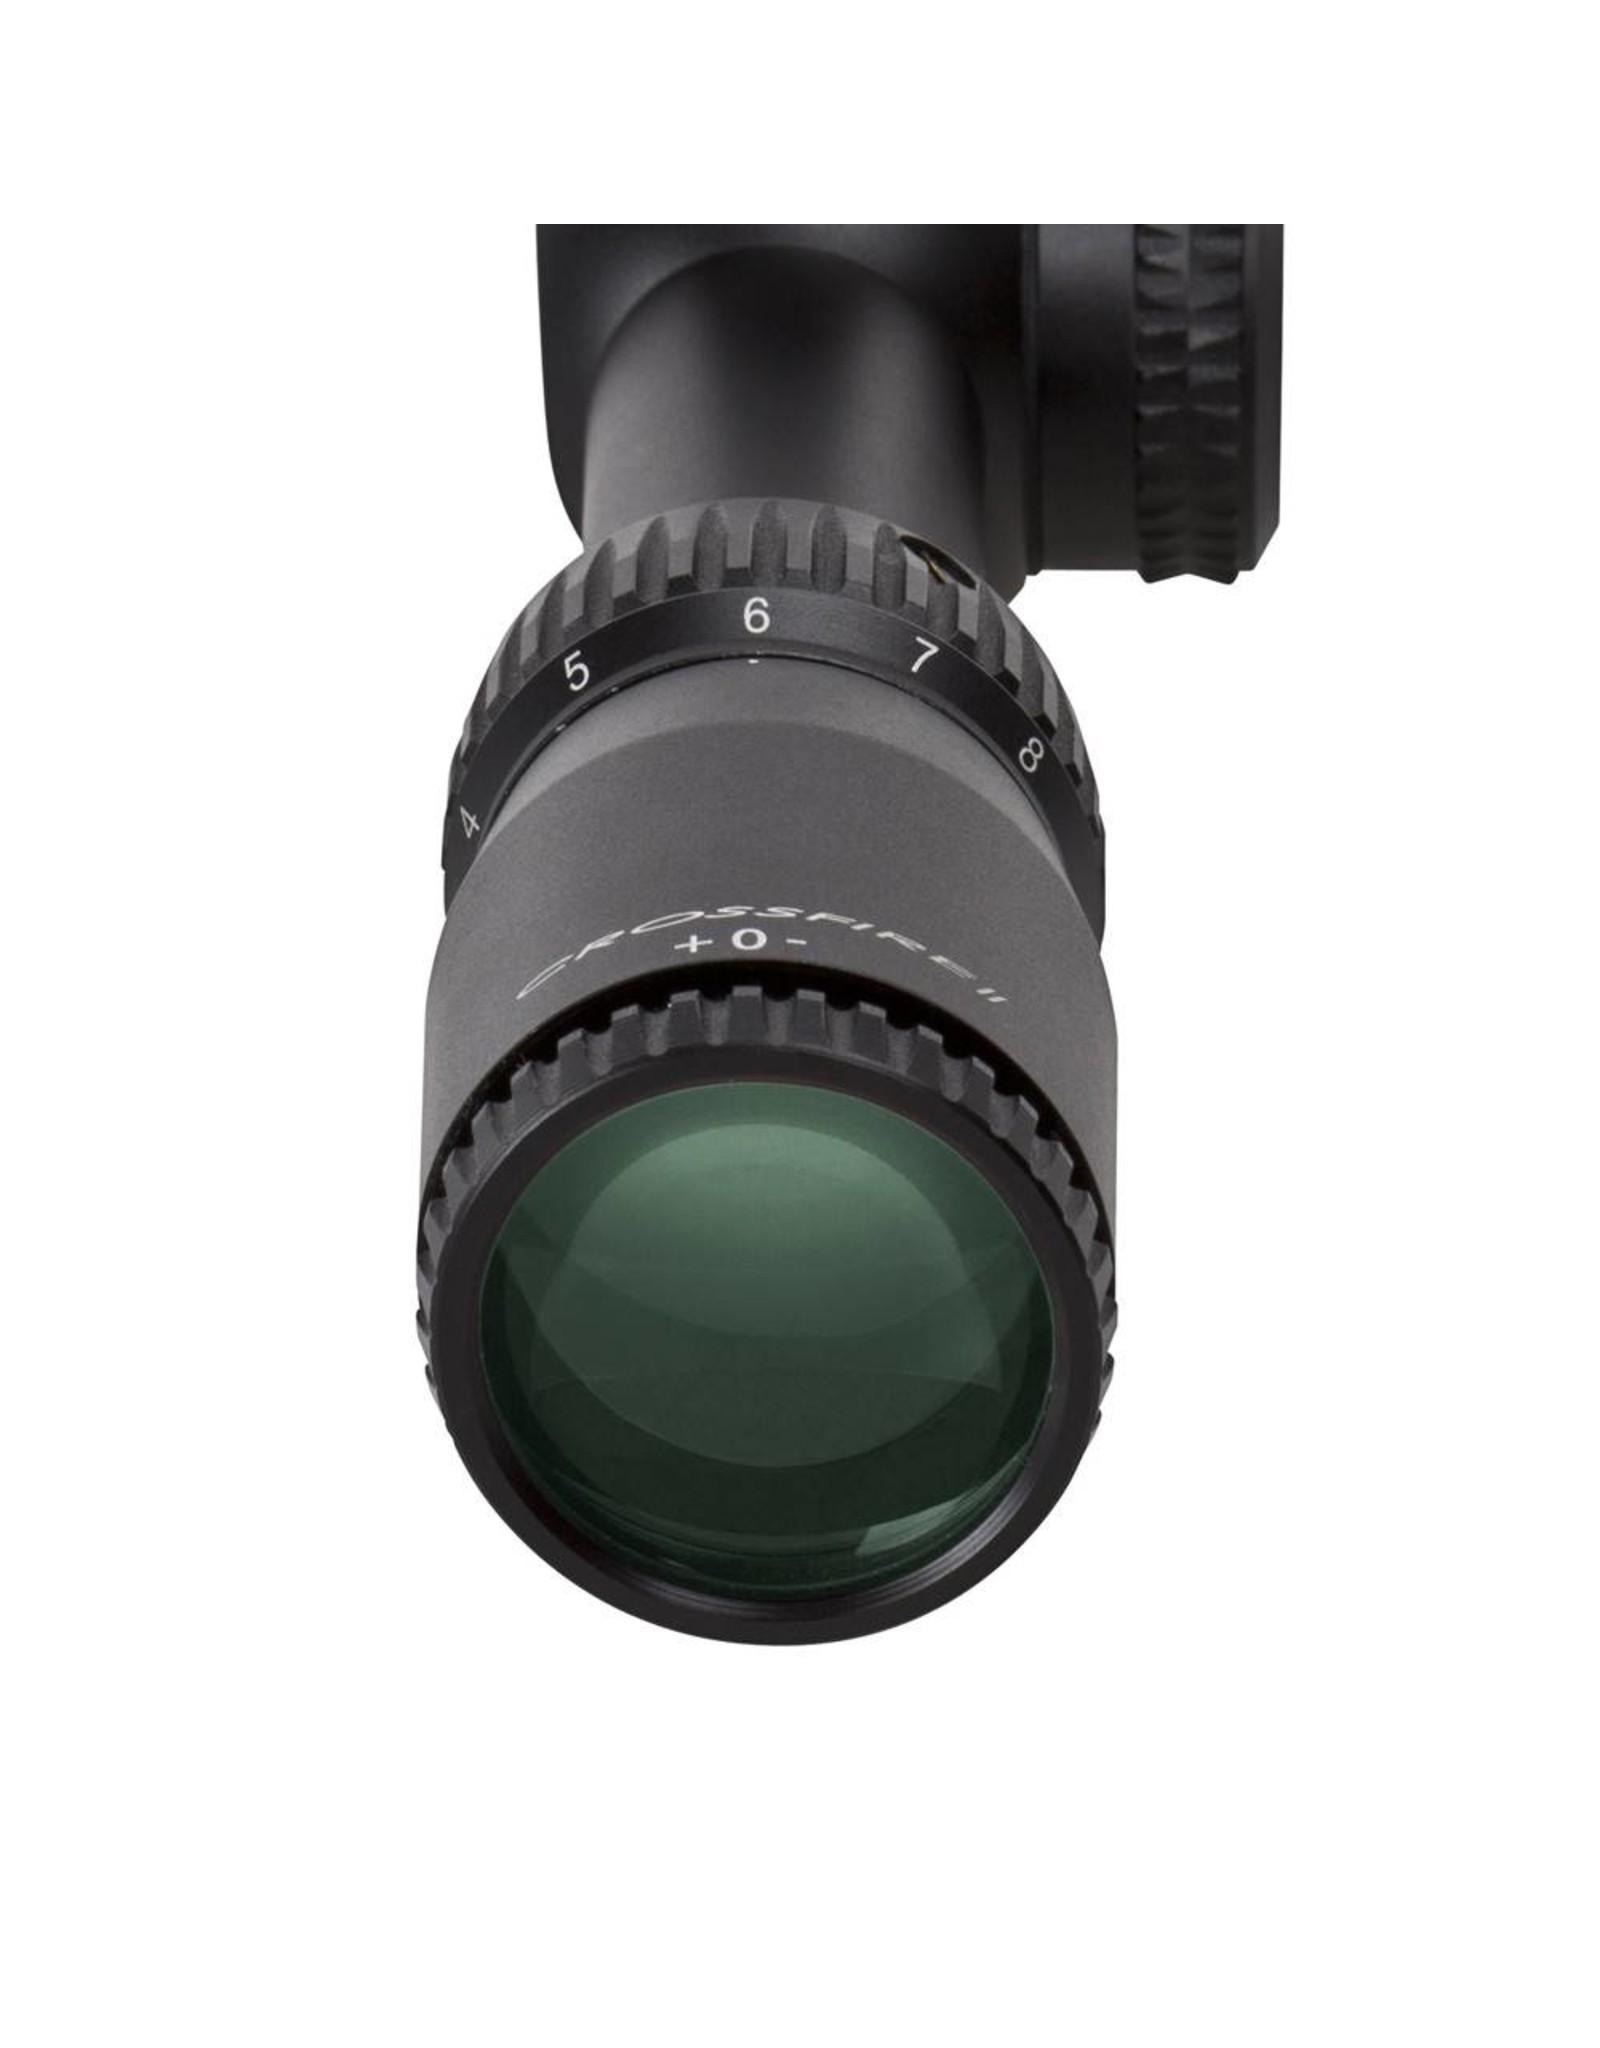 Vortex Vortex Crossfire II 4-12x44 Riflescope (1-Inch) V-Plex